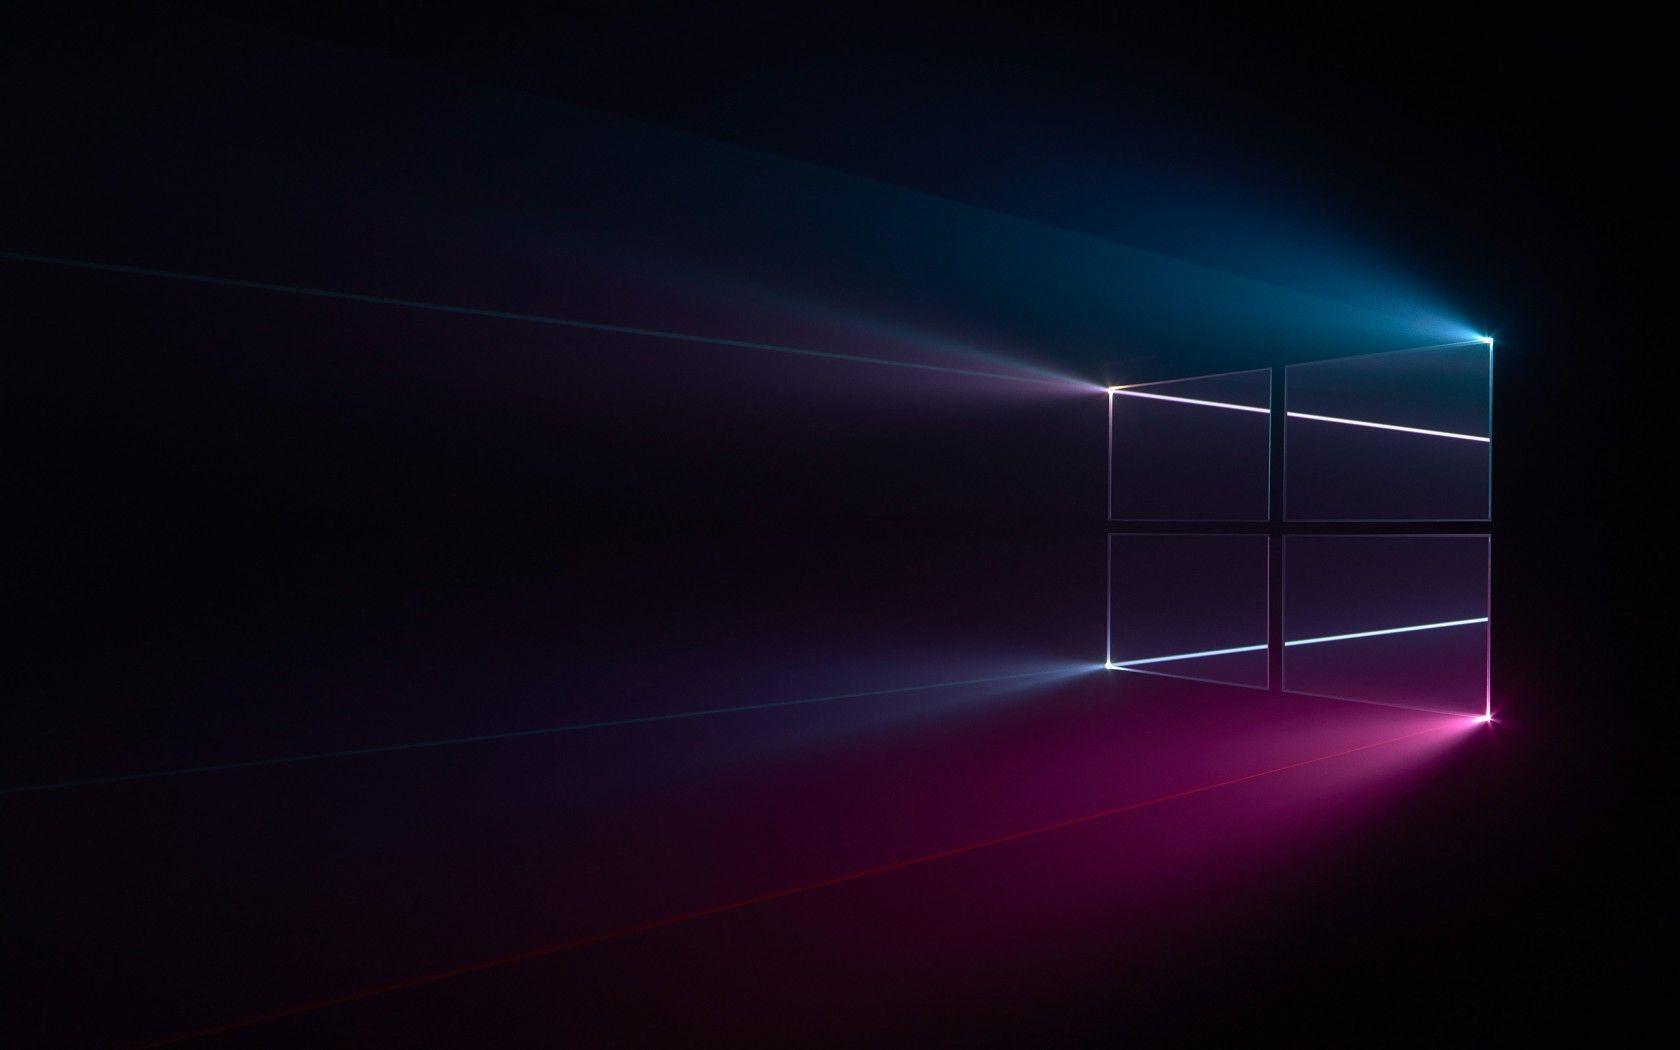 Desktop Background Goes Black Windows 10